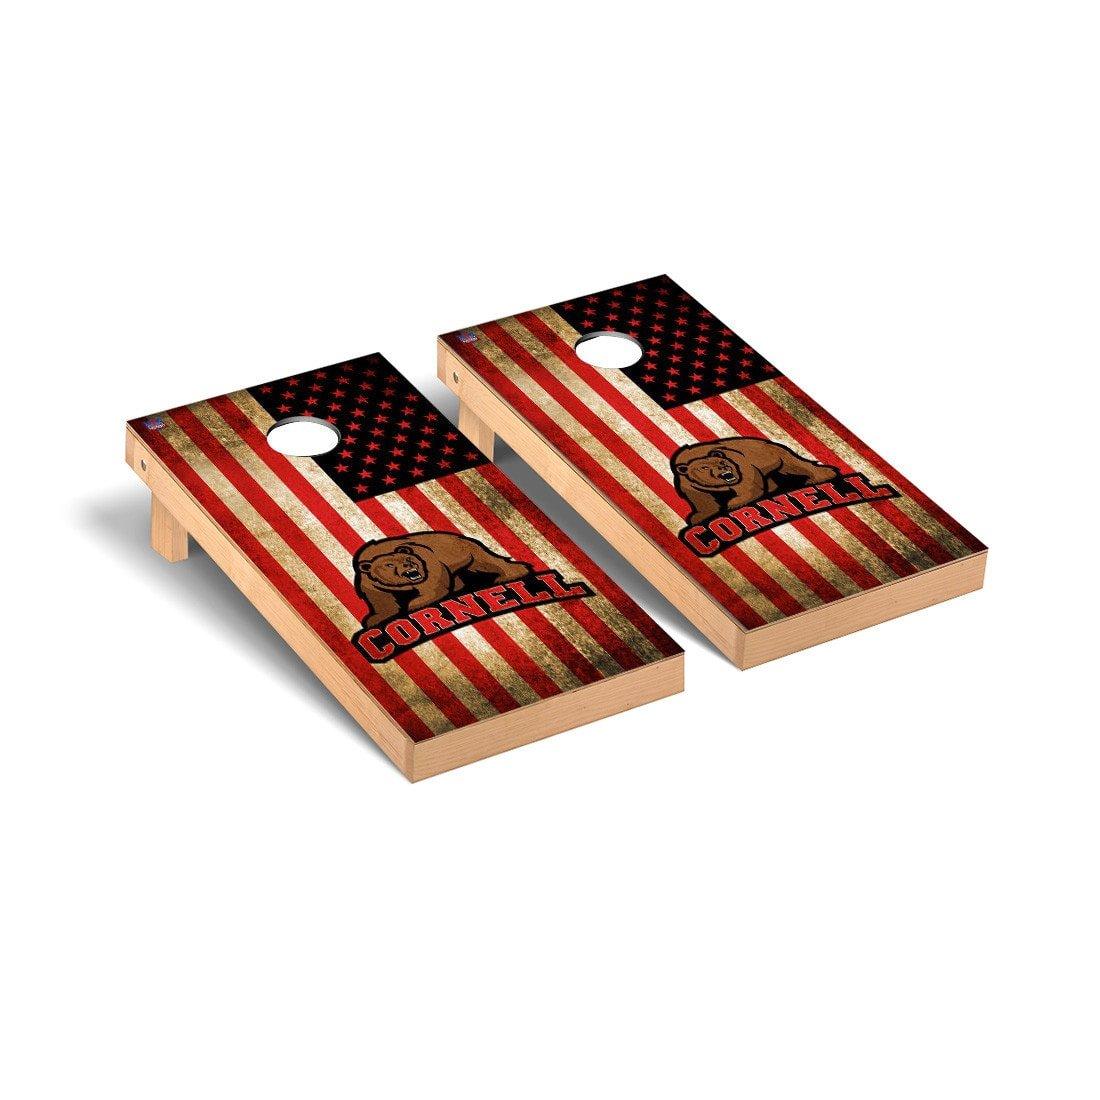 Cornell Big Red Regulation Cornhole Game Set Vintage Flag Version